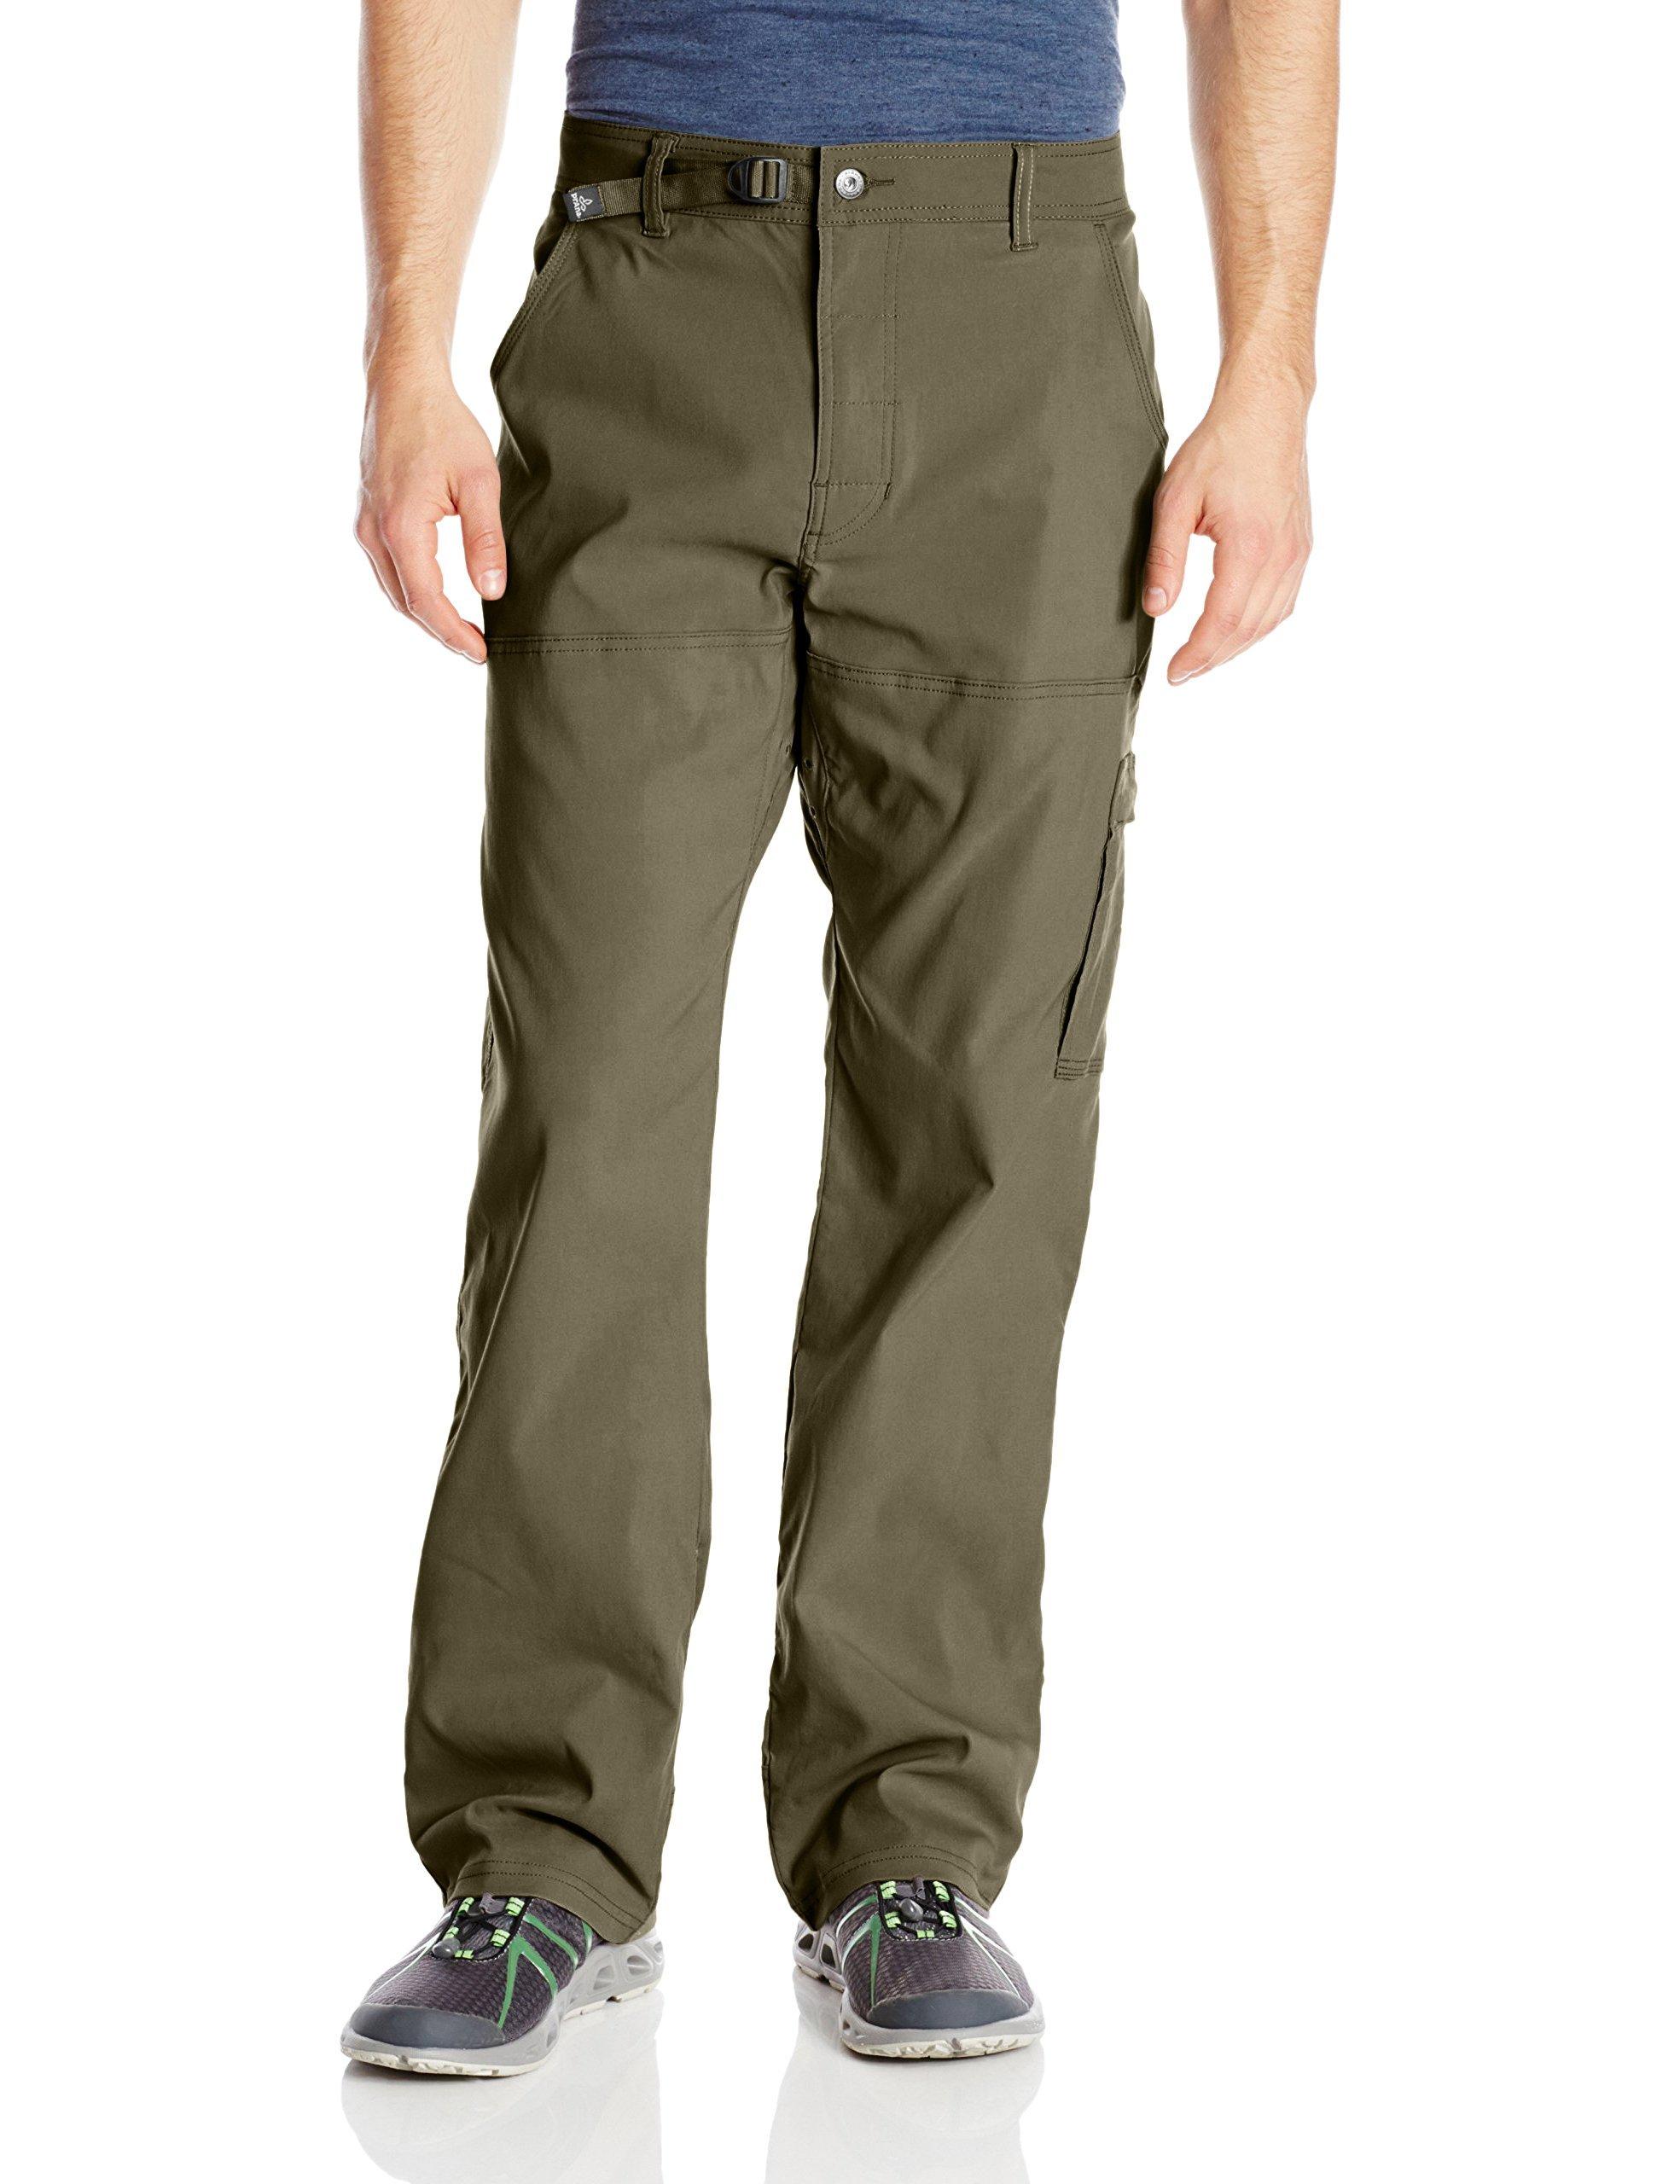 prAna Men's Stretch Zion Inseam, Cargo Green, 32W 32L